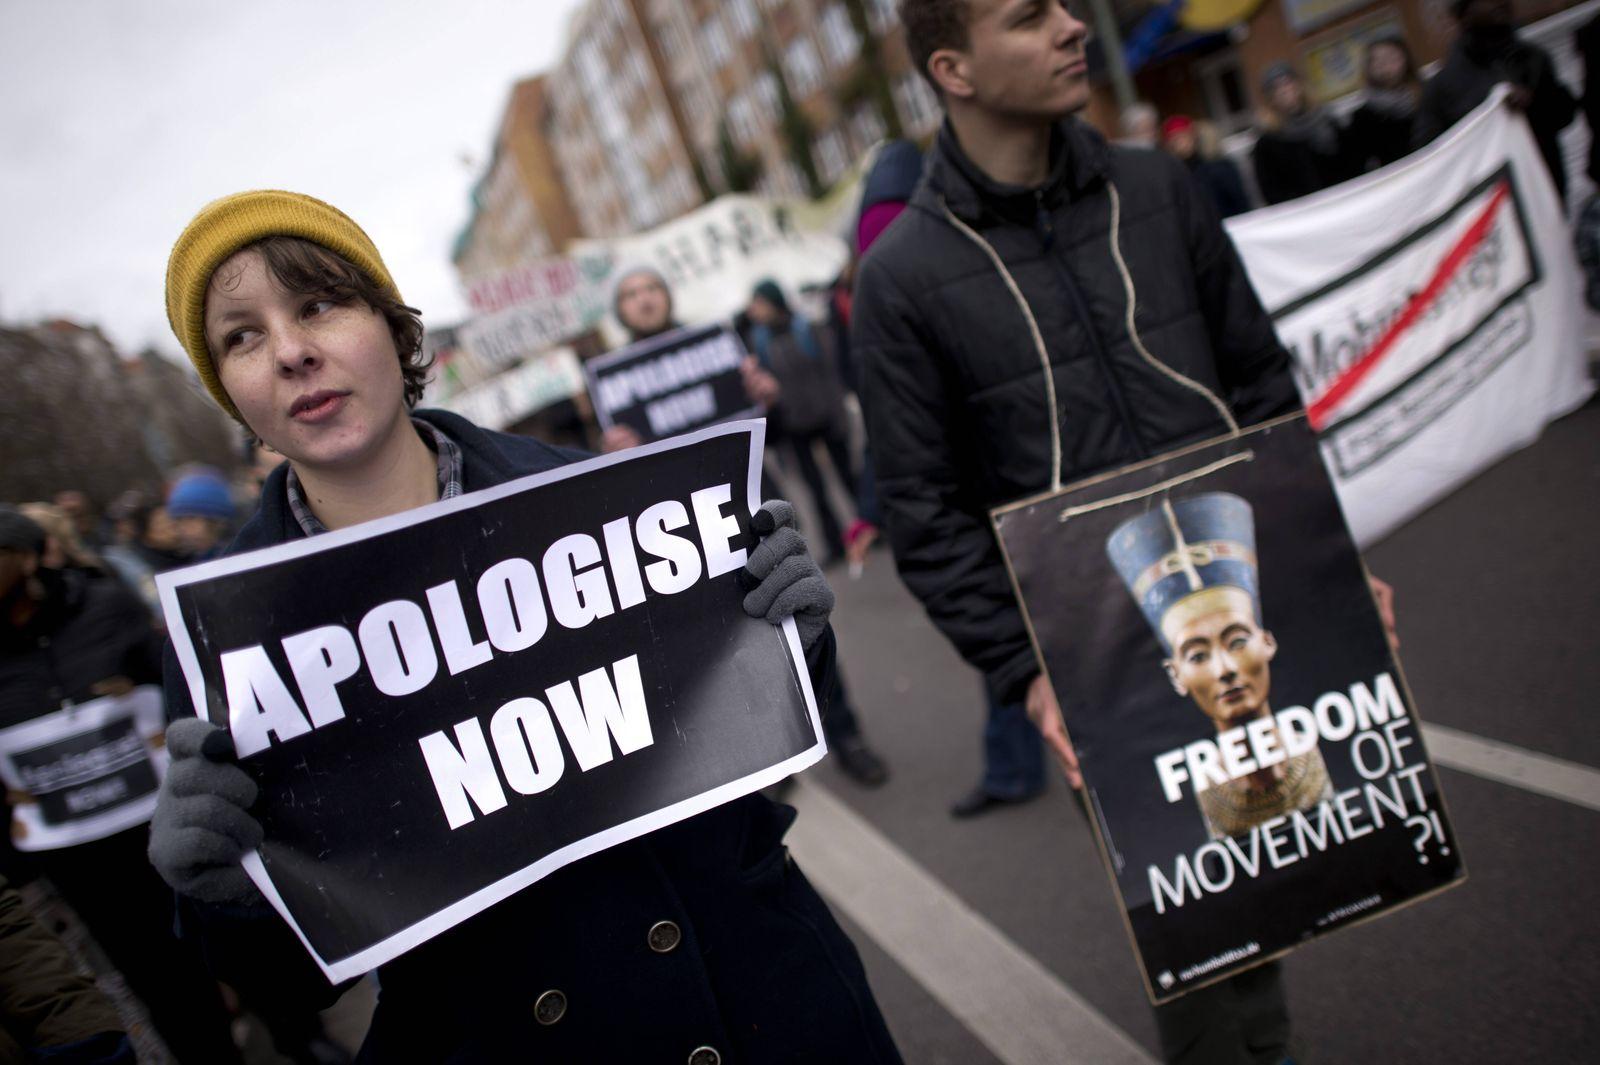 Gedenkmarsch Kolonialgeschichte DEU Deutschland Germany Berlin 25 02 2017 Demonstrant mit Plakat